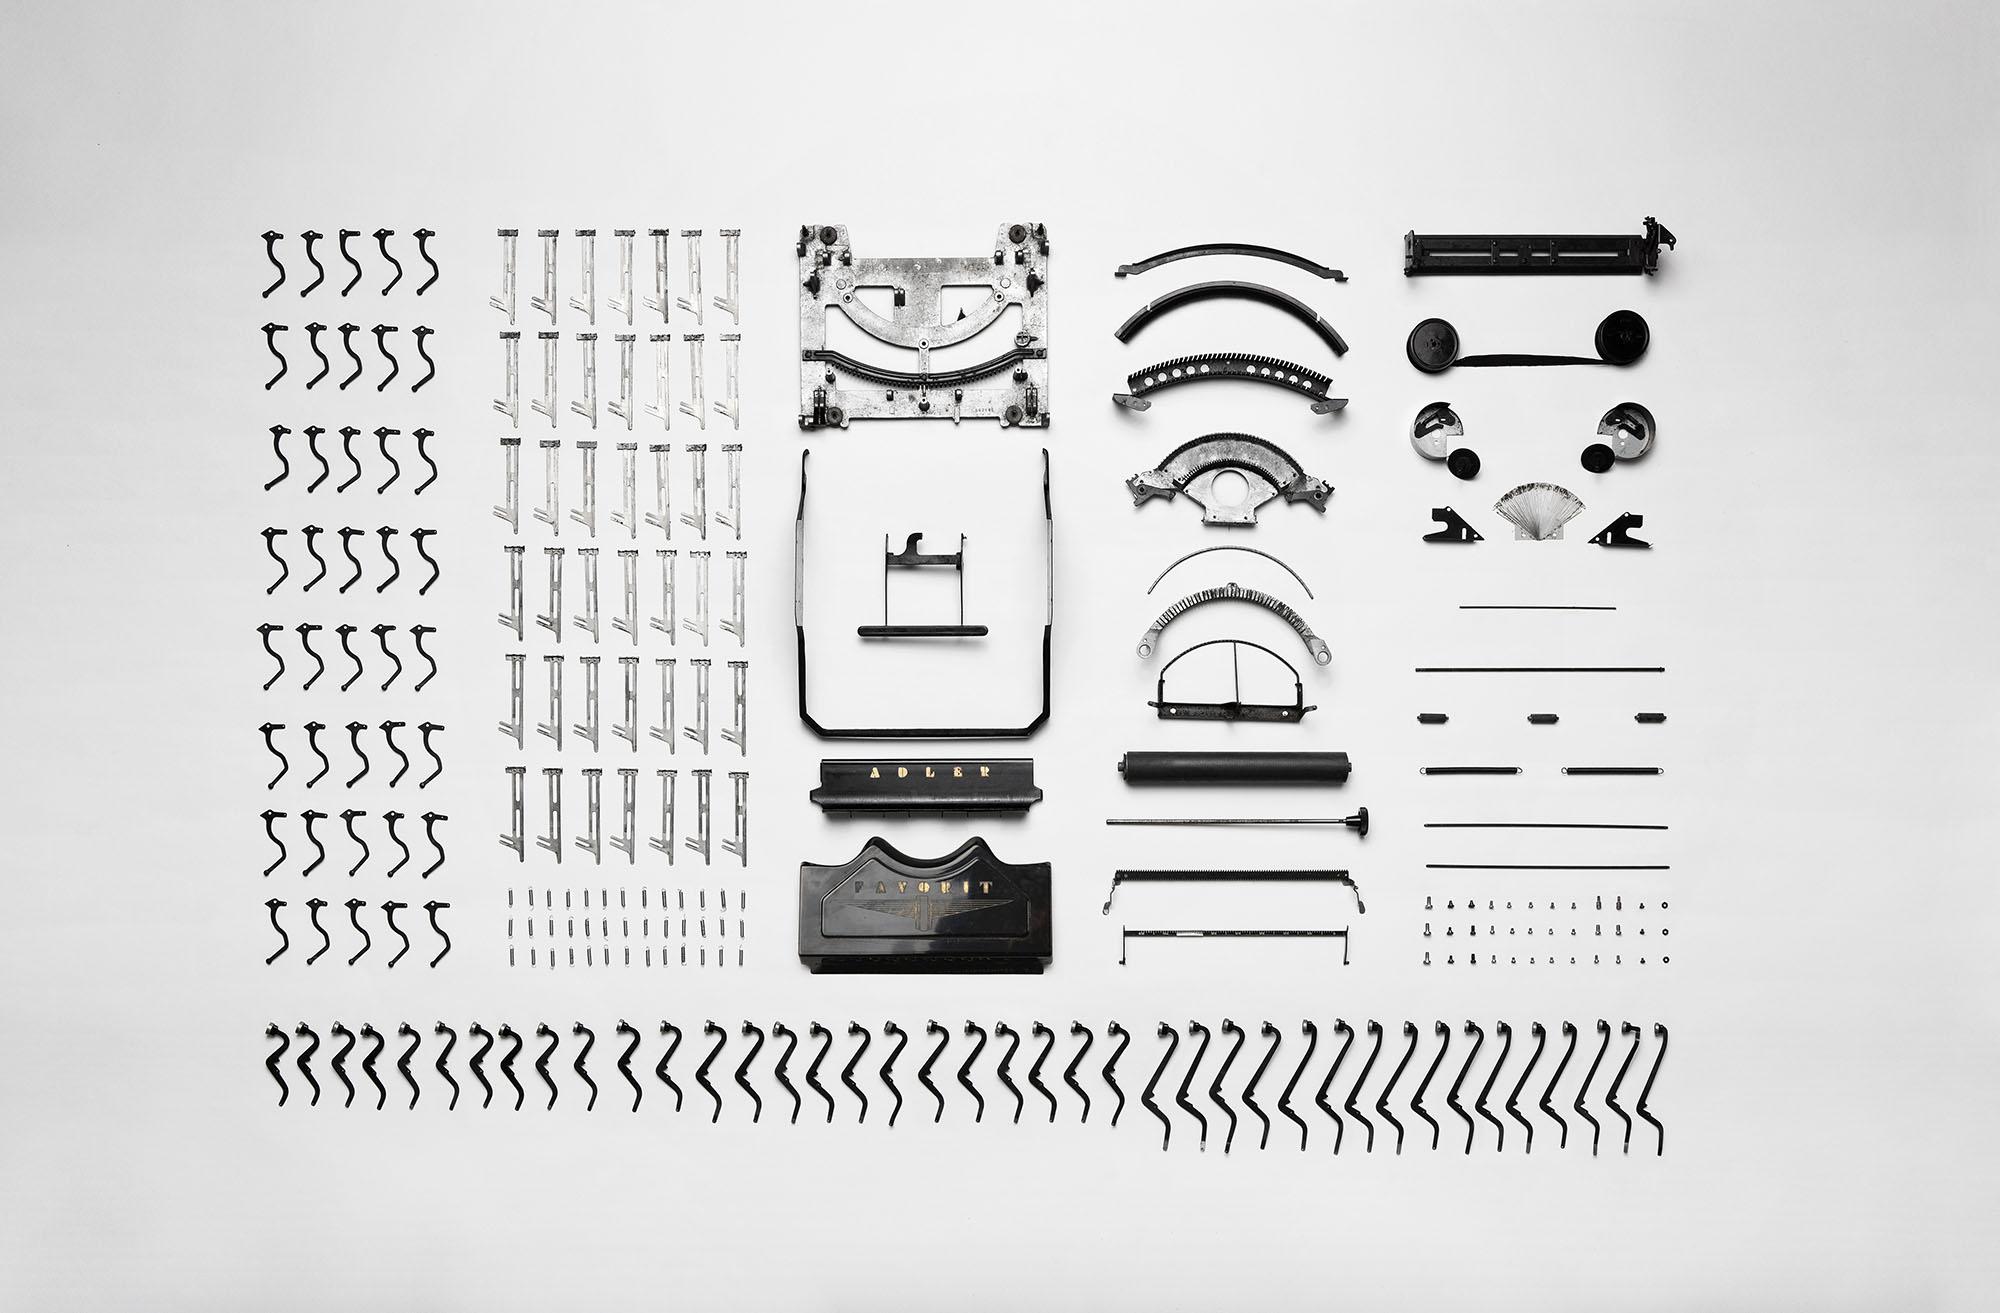 typewriter-explosion.jpg